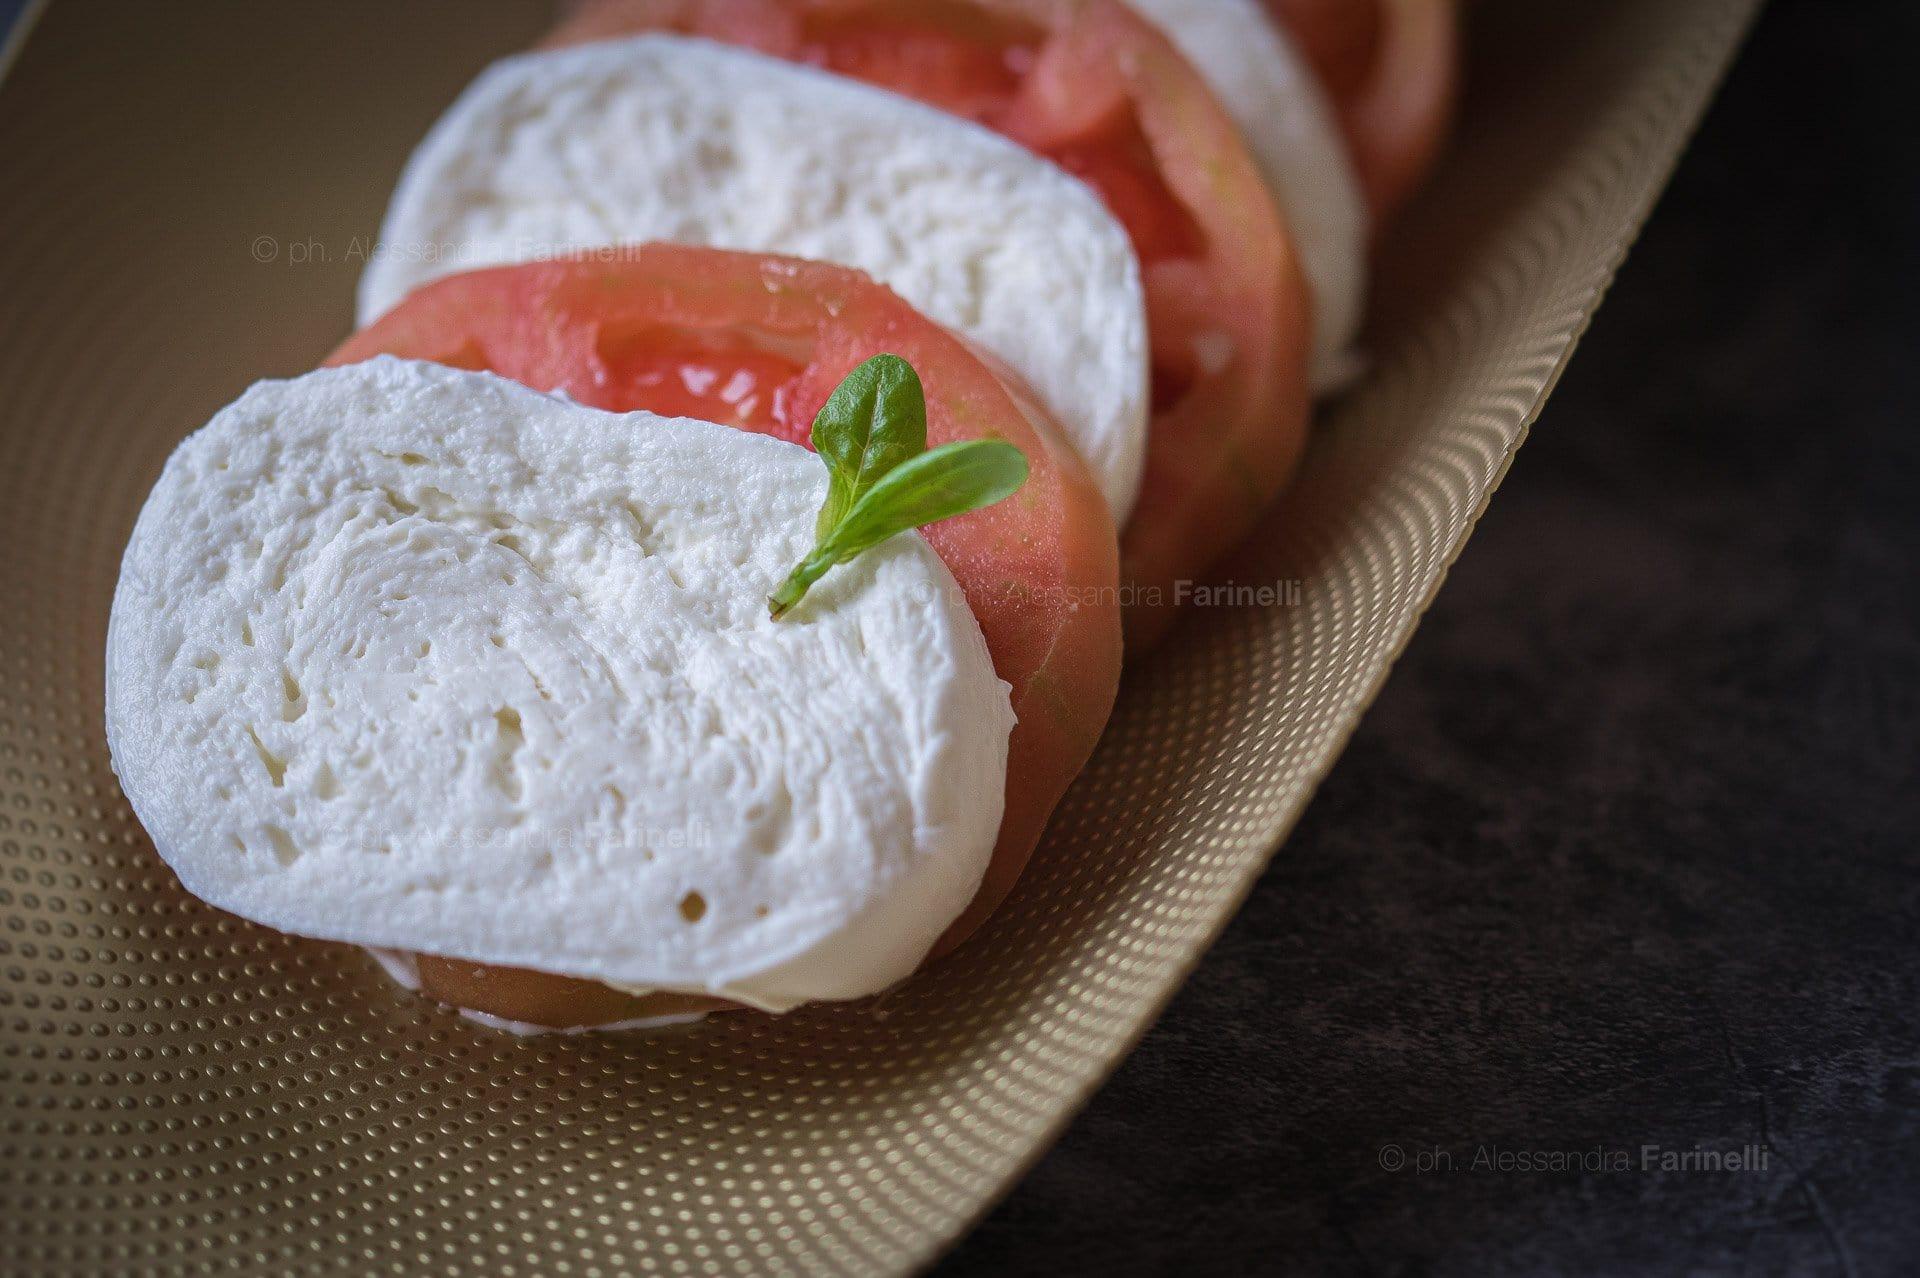 Mozzarella di Bufala Campana foto